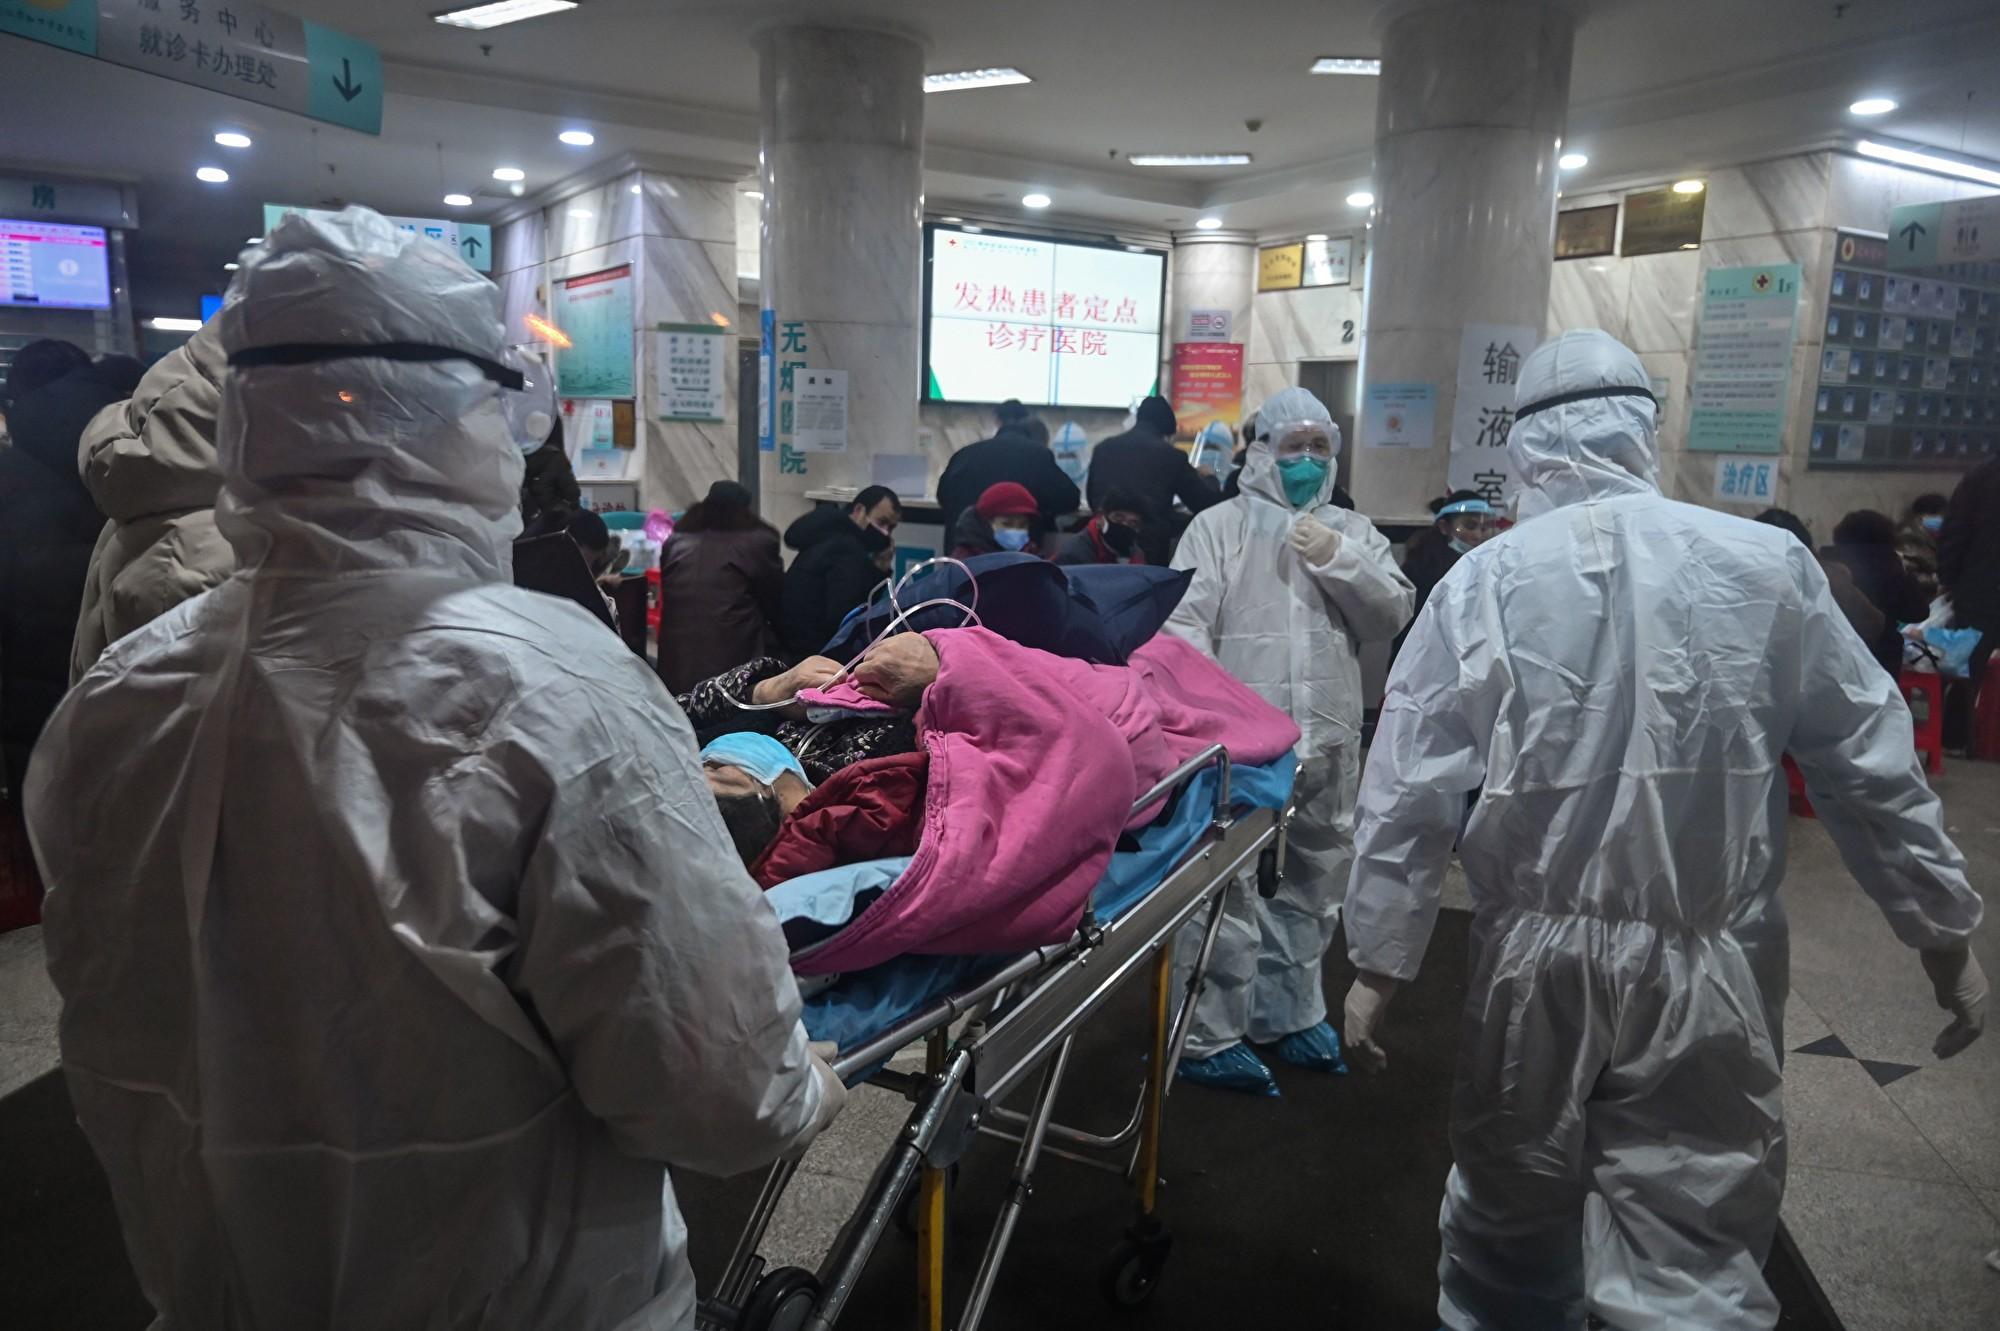 超十萬人得不到確診 中共管控勝於救治